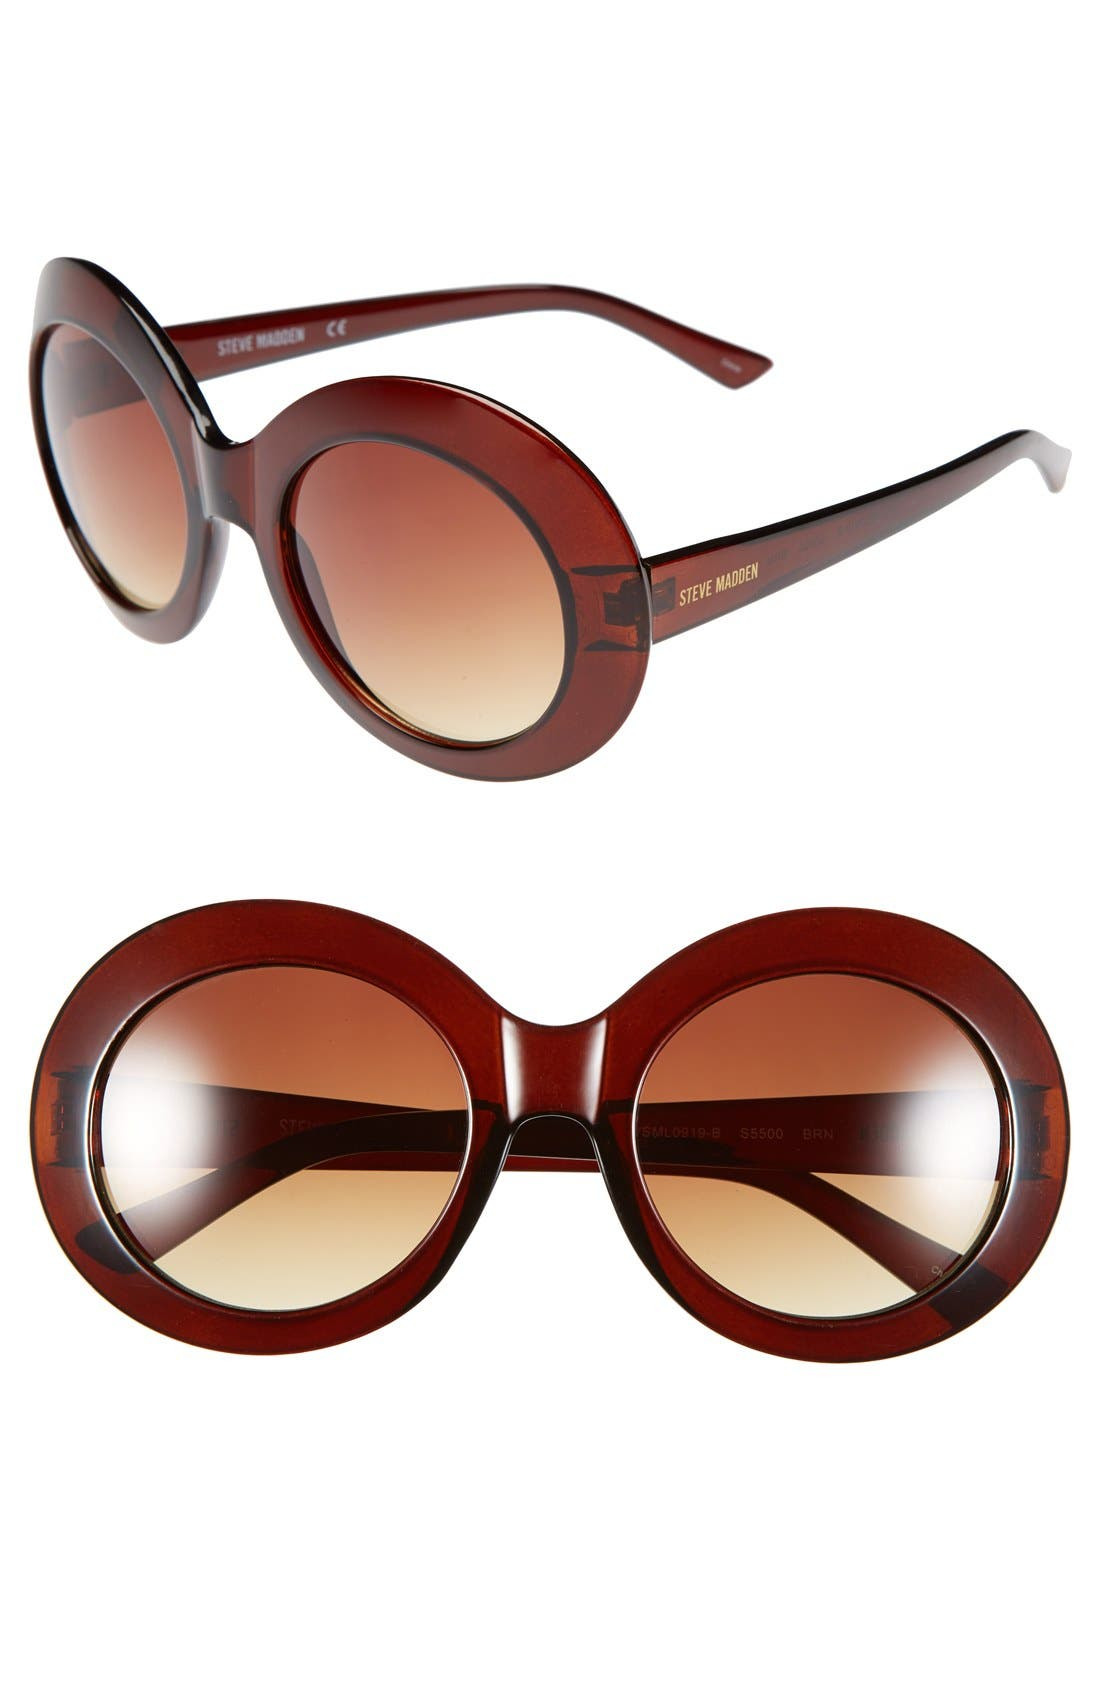 Alternate Image 1 Selected - Steve Madden 55mm 'Glam' Oversized Oval Sunglasses